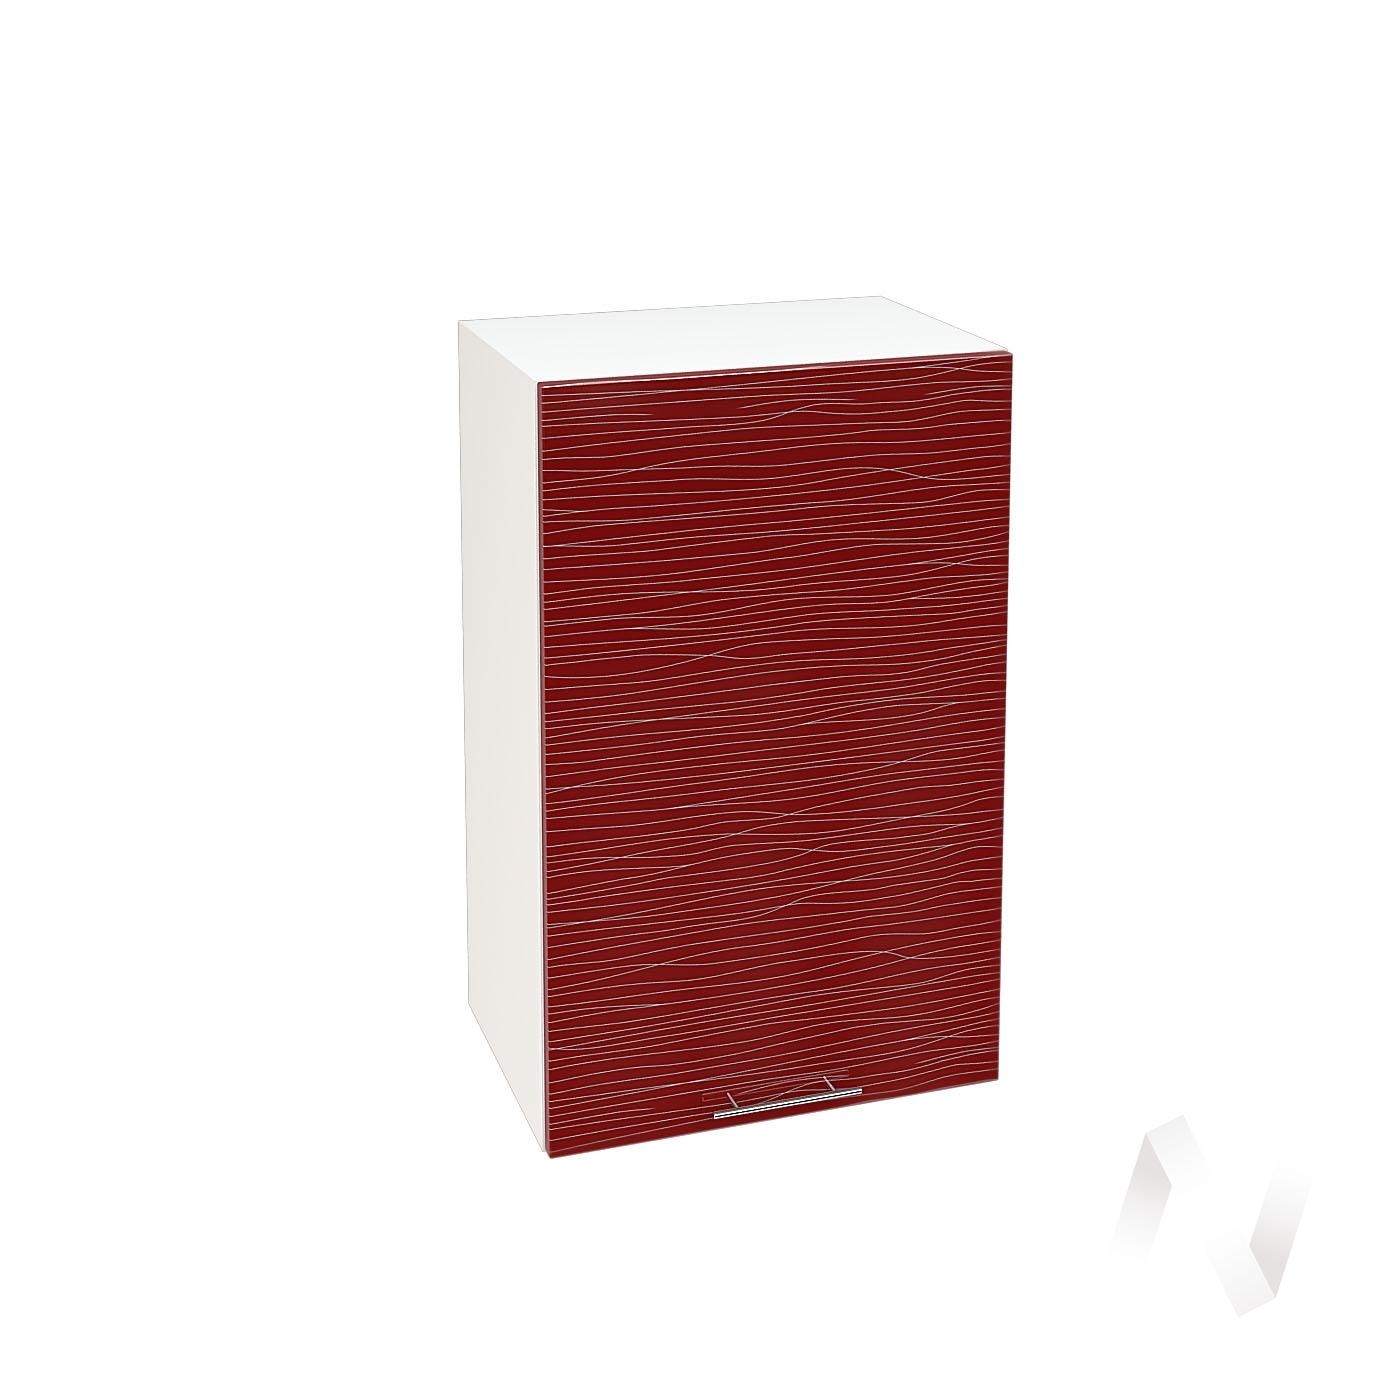 """Кухня """"Валерия-М"""": Шкаф верхний 450, ШВ 450 (Страйп красный/корпус белый)"""